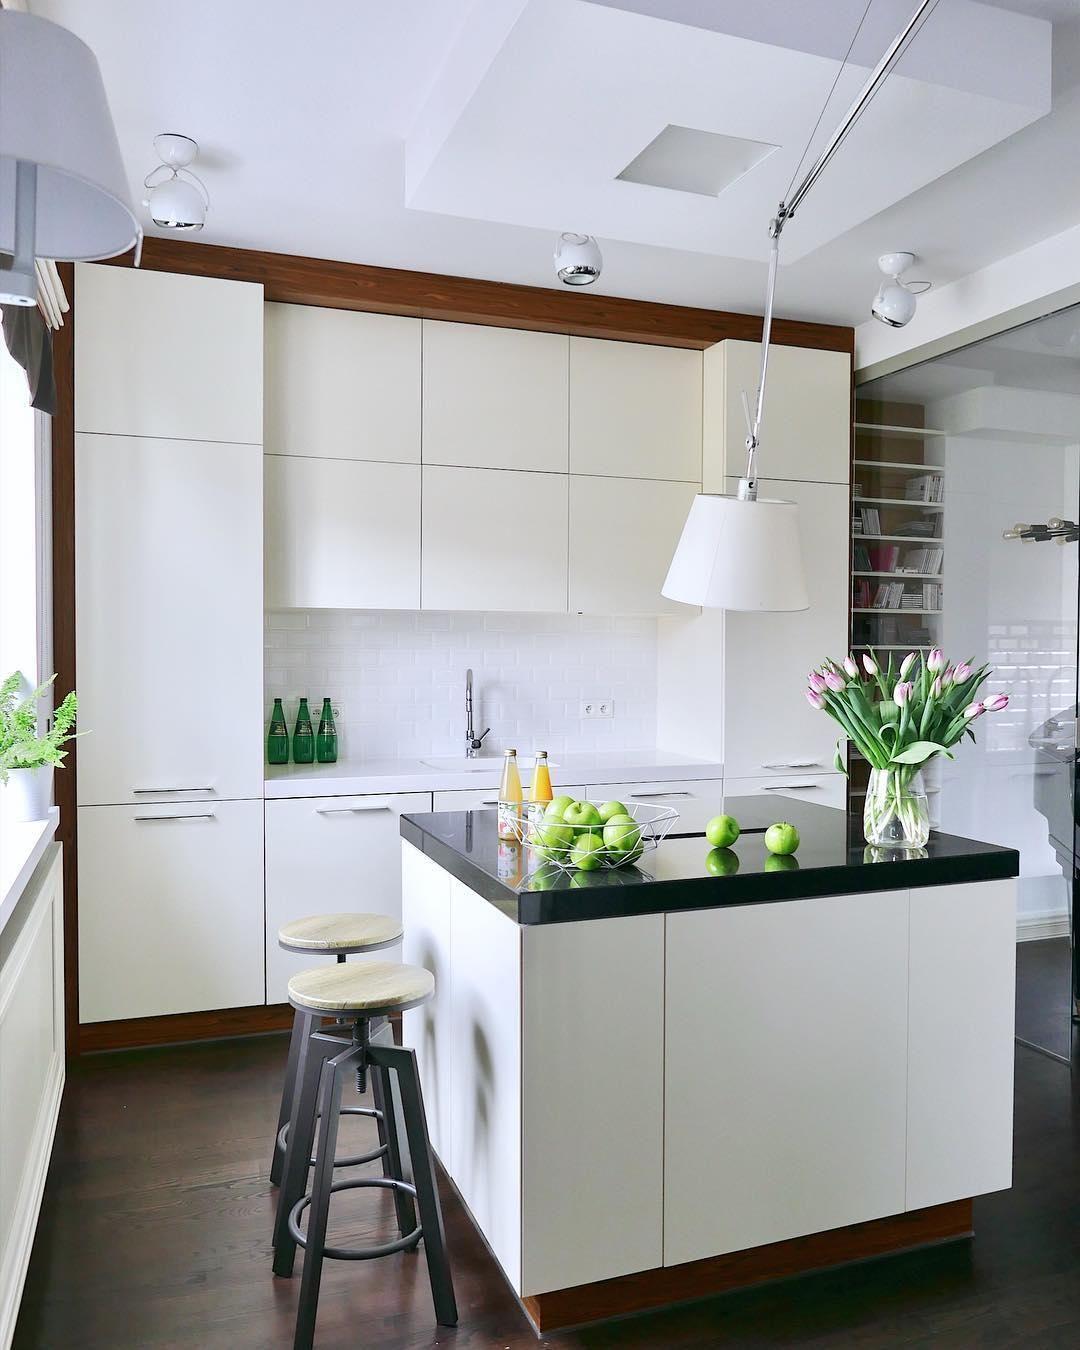 Diese Helle Und Offene Küche Lädt Zum Kochen Essen Und Einem Gemeinsamen Miteinander Ein Das Weiße Interi Küchen Ideen Weiß Moderne Küche Küche Mit Kochinsel